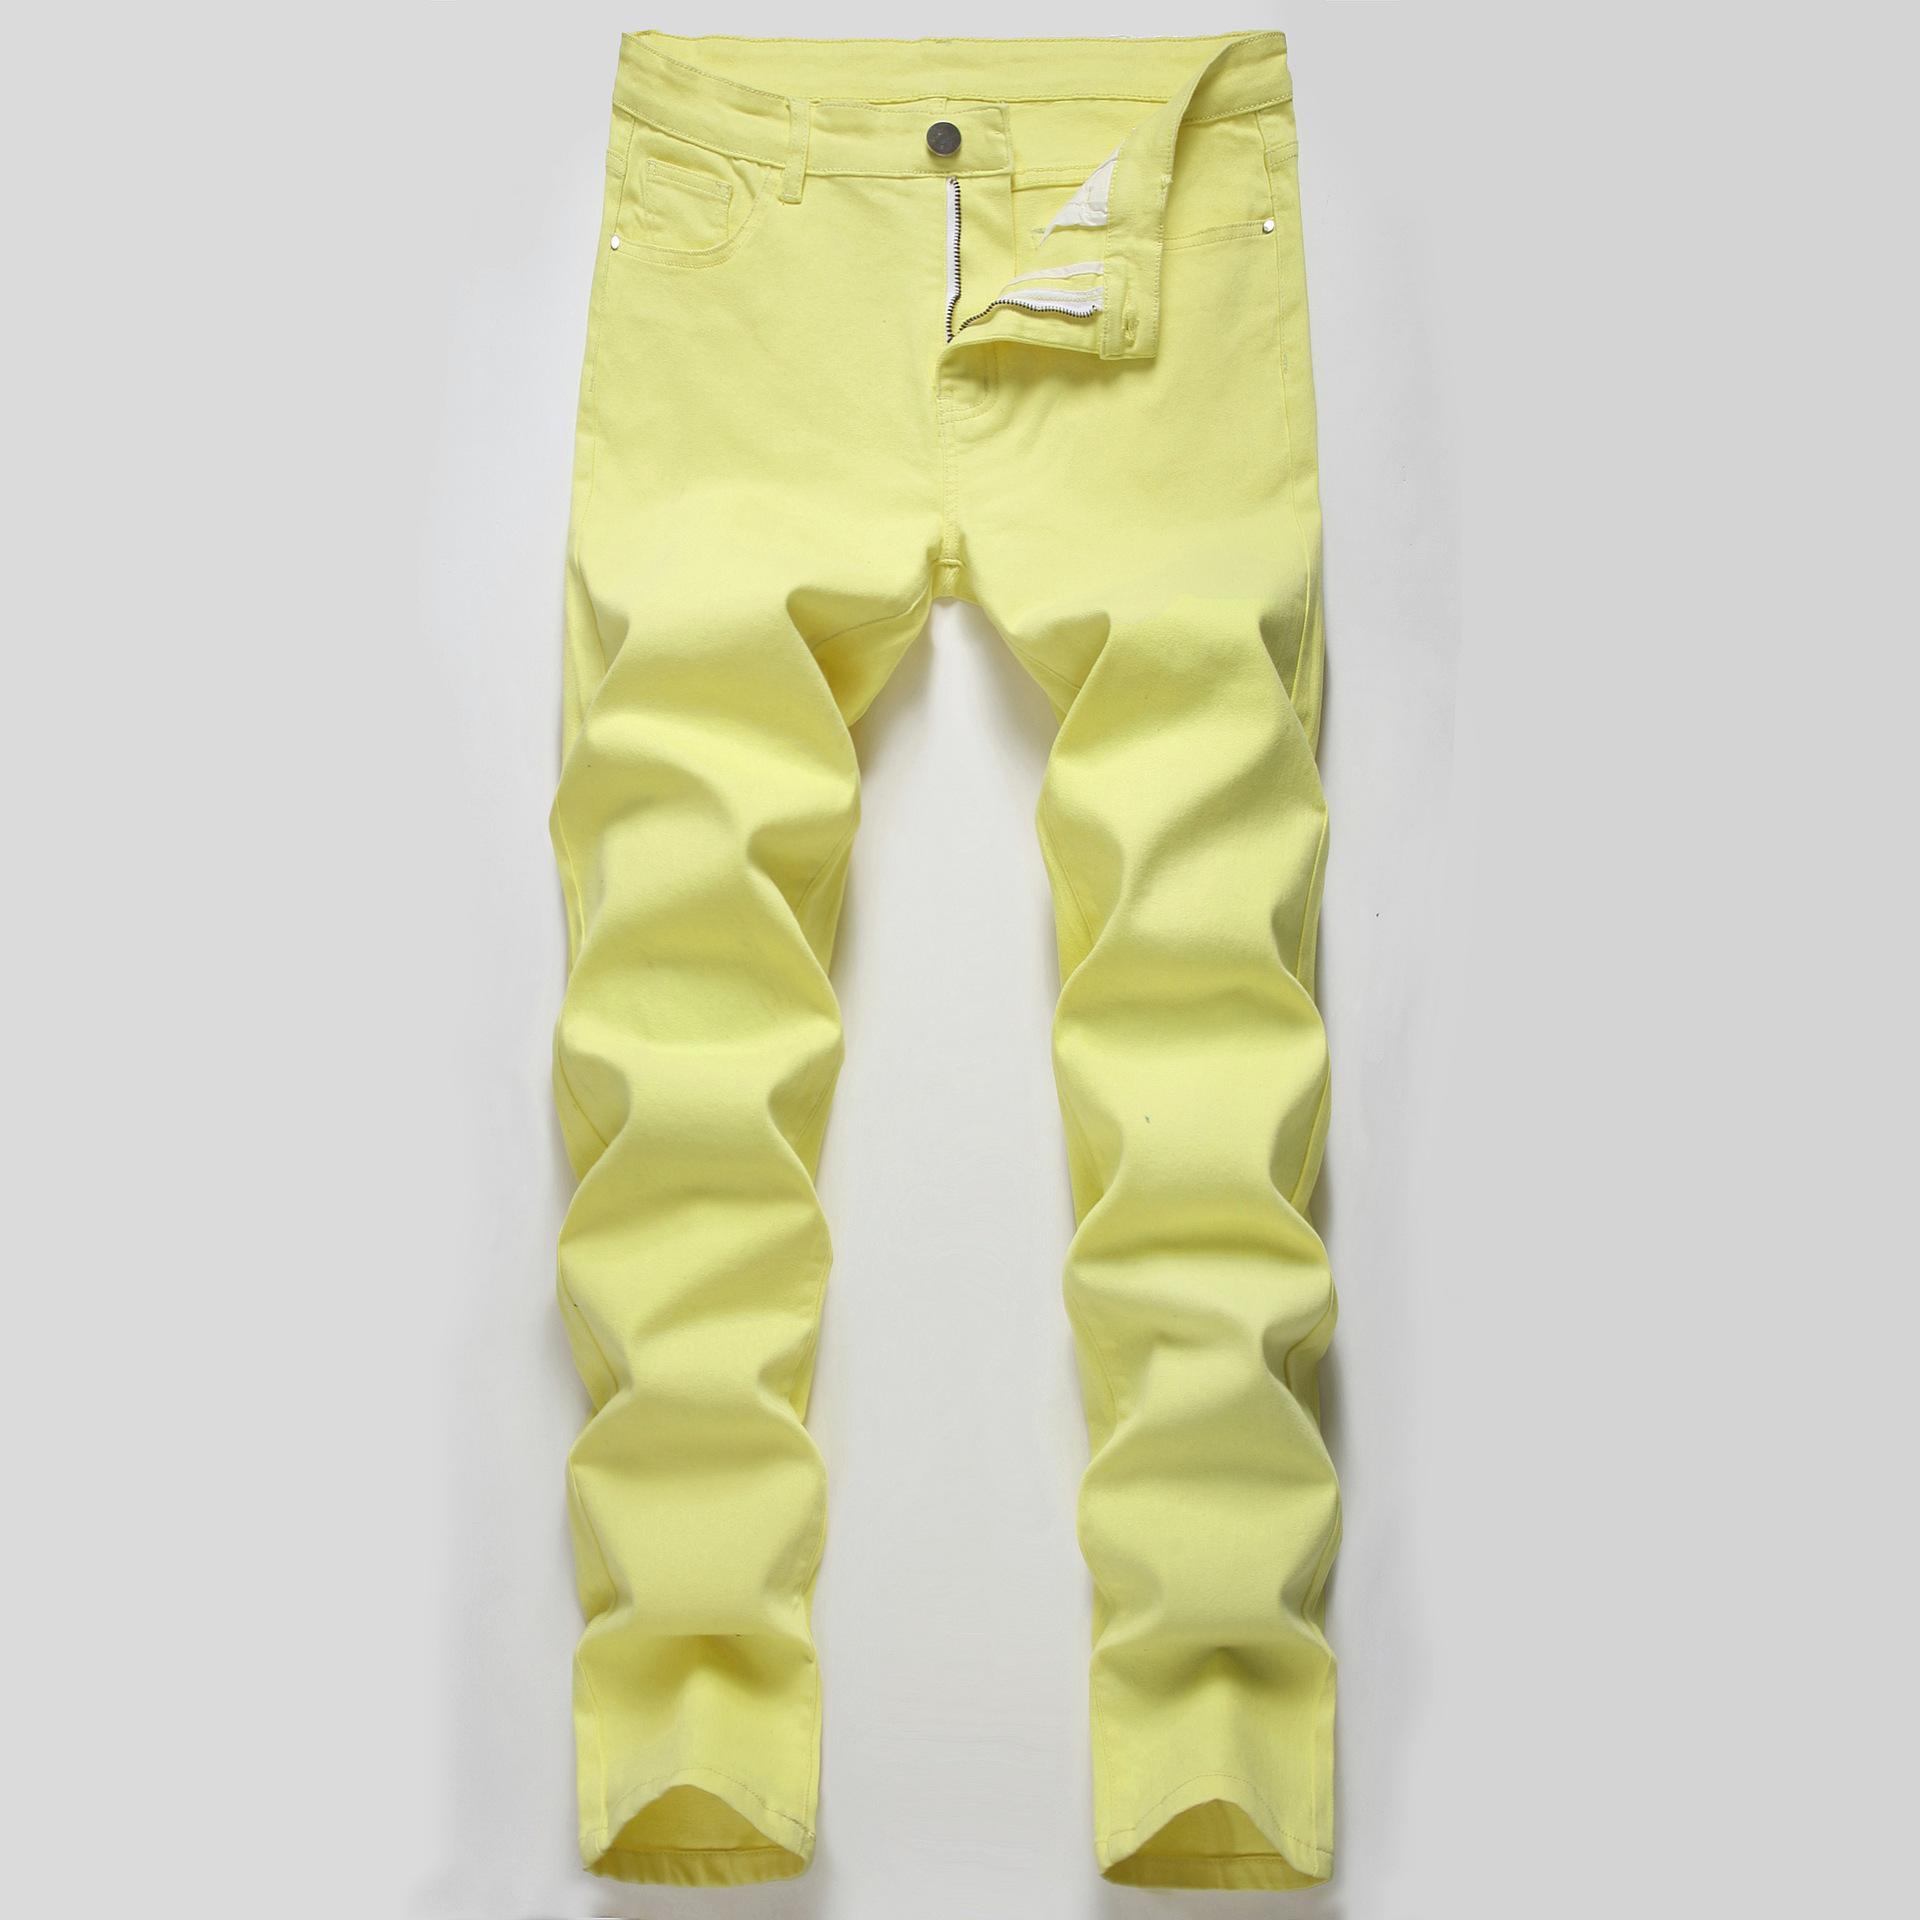 Sıska Erkek Kot Sarı Serin Erkekler Kot Streç Slim Fit Denim Biker Jeans Hip Hop Erkekler Streetwear 1515 #